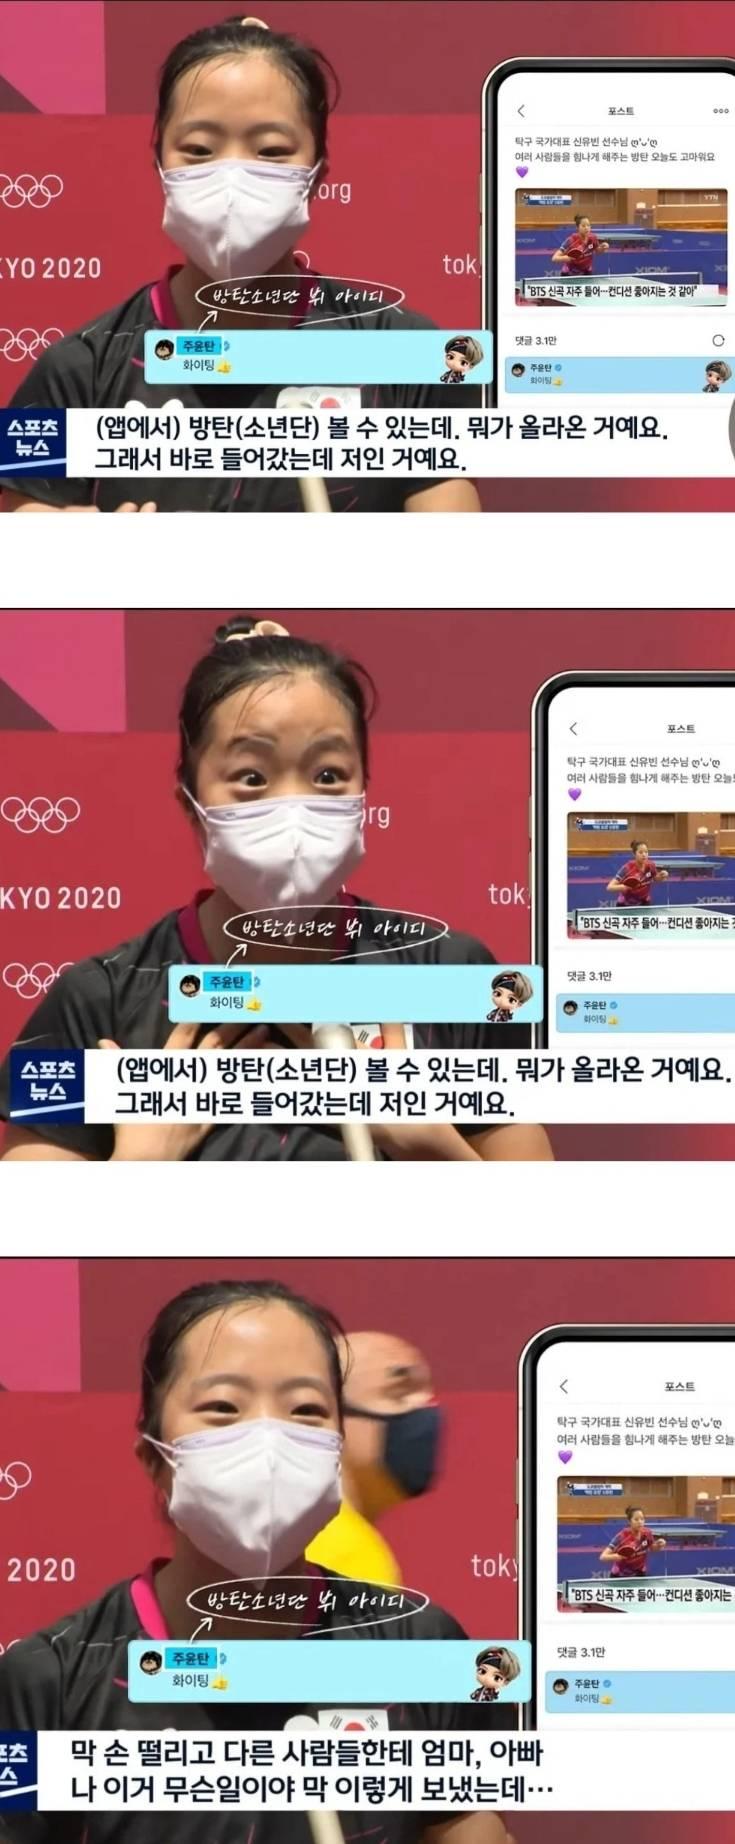 신유빈: 엄마 아빠 나 이거 무슨 일이야 (Feat. BTS) | 인스티즈